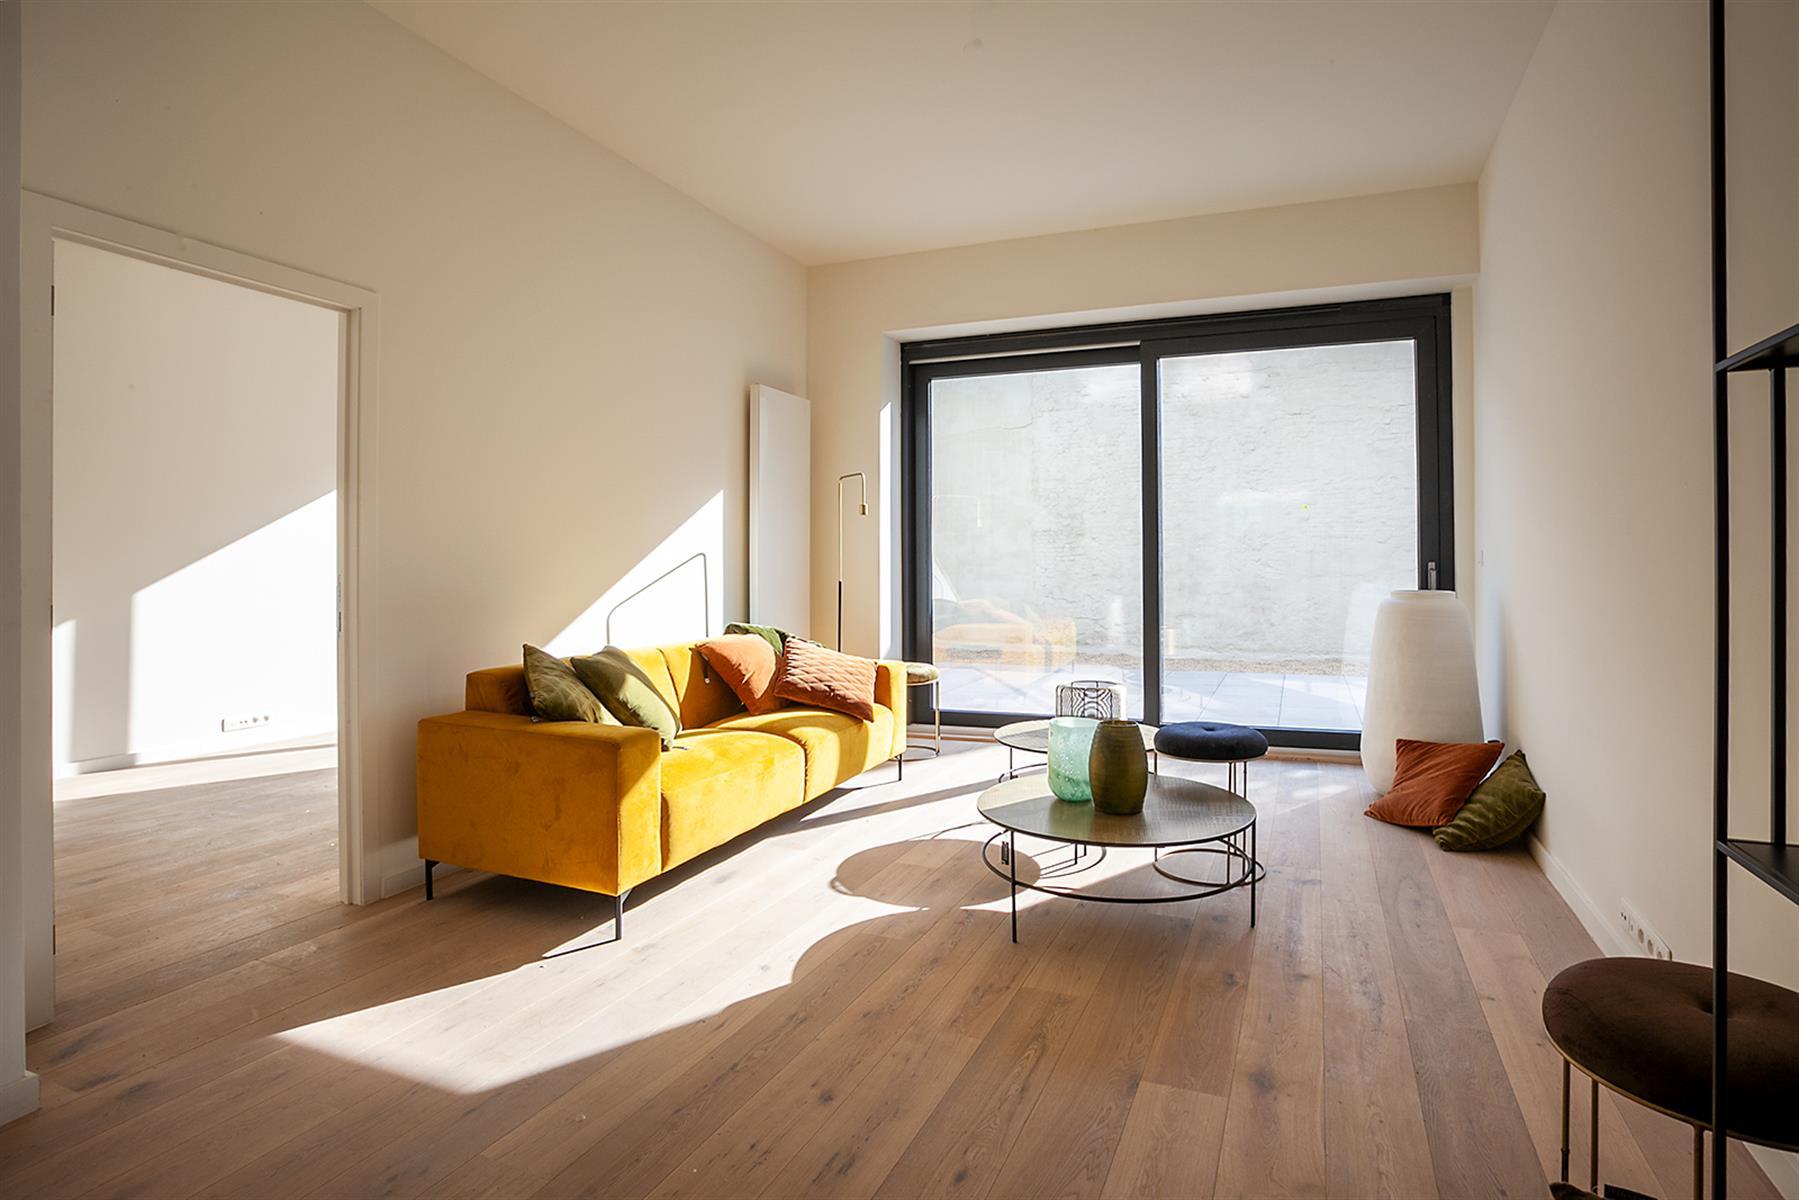 2 slaapkamer appartement met tuin ca 50m2.